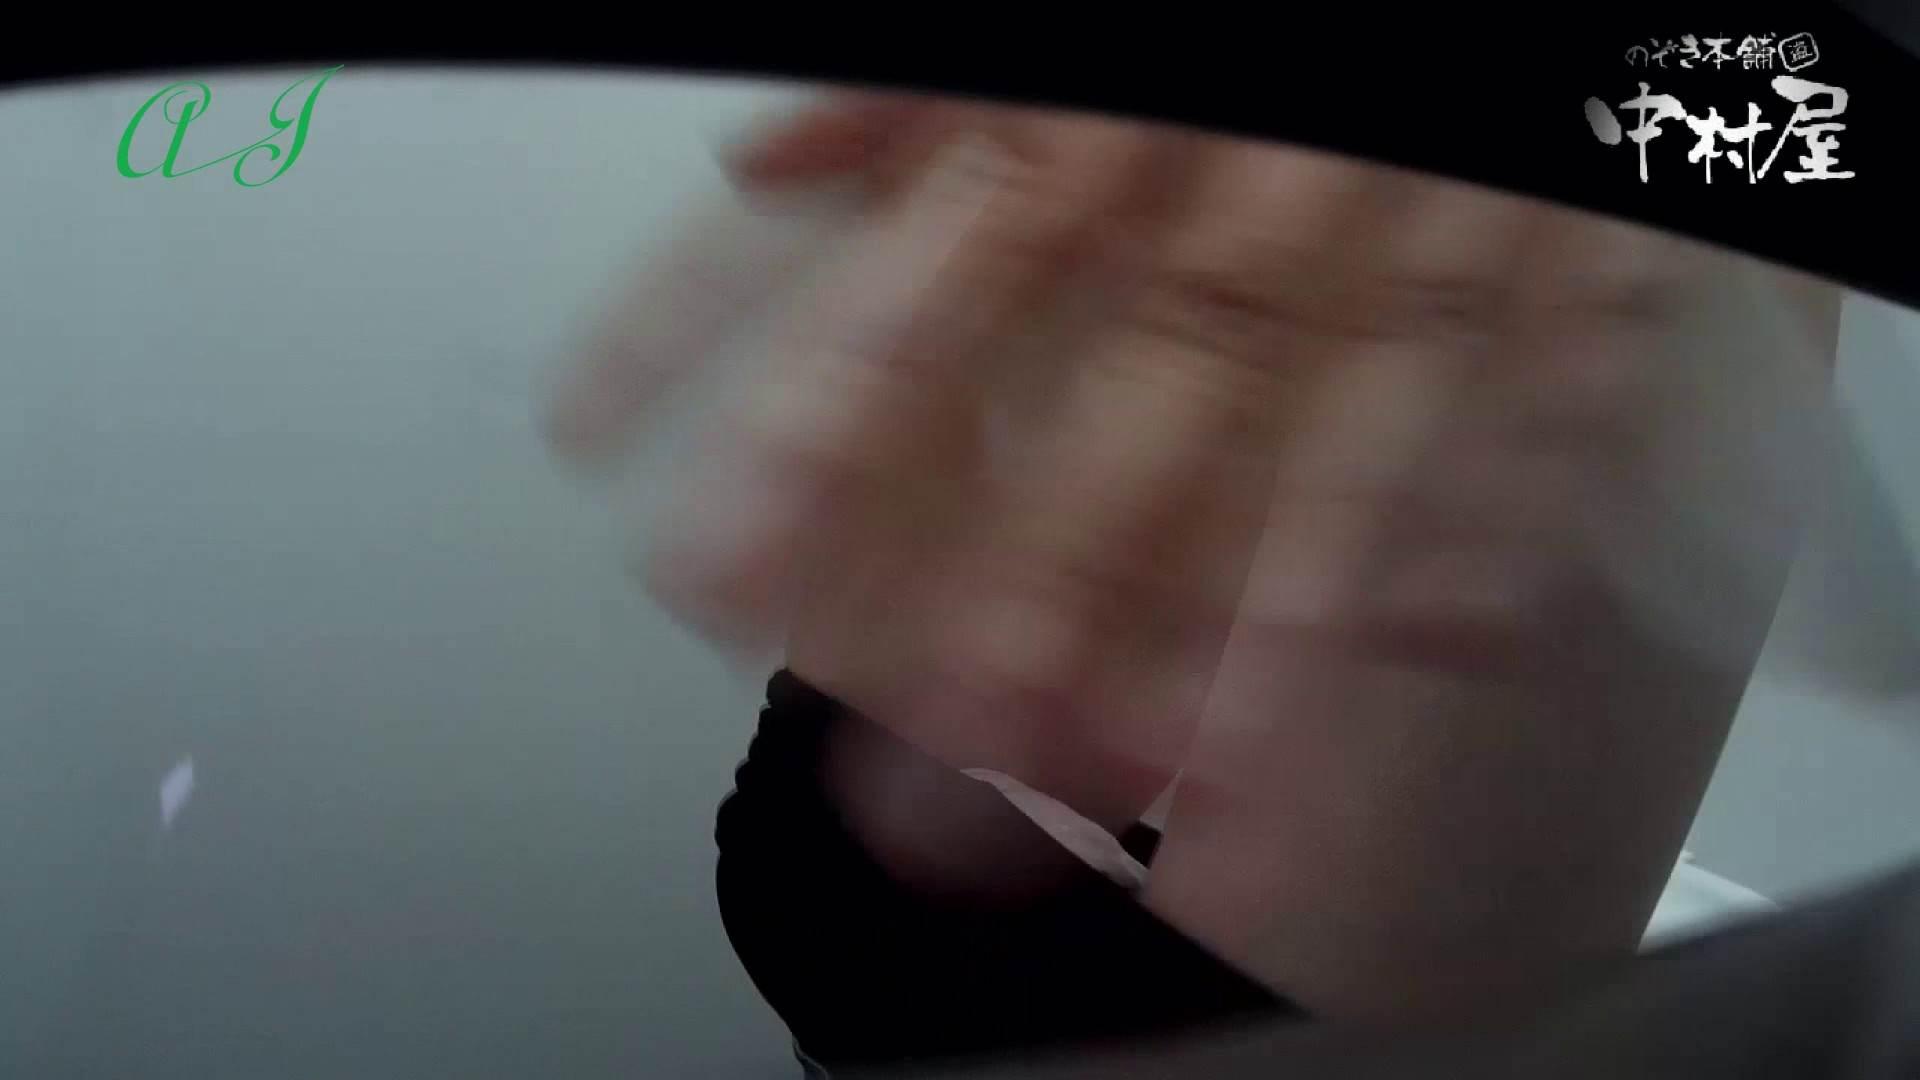 有名大学女性洗面所 vol.59 新アングル追加!相変わらずの美女率!! 洗面所編 おめこ無修正動画無料 109PIX 72